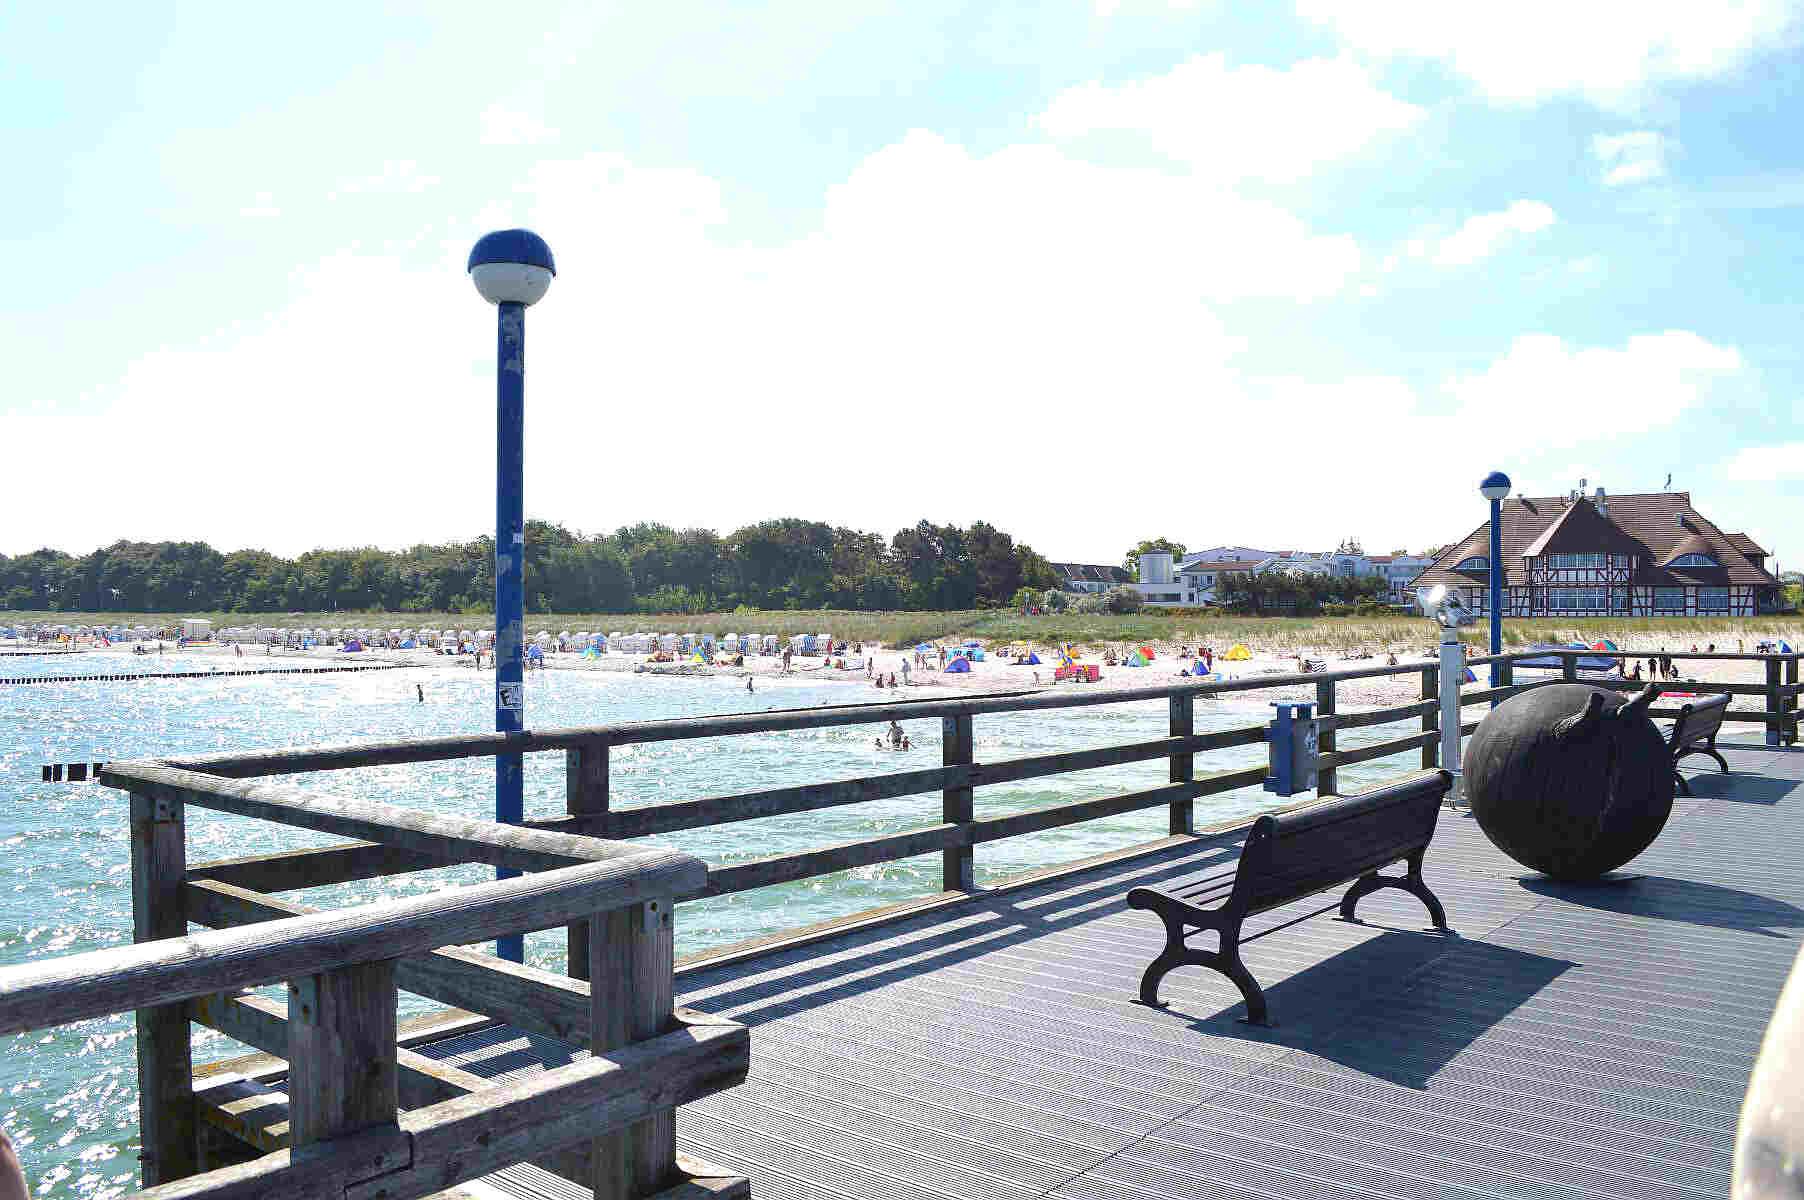 Ostseebad Zingst: Seebrücke mit Blick auf Strand und dahinterliegender Uferpromenade. © spothits.de